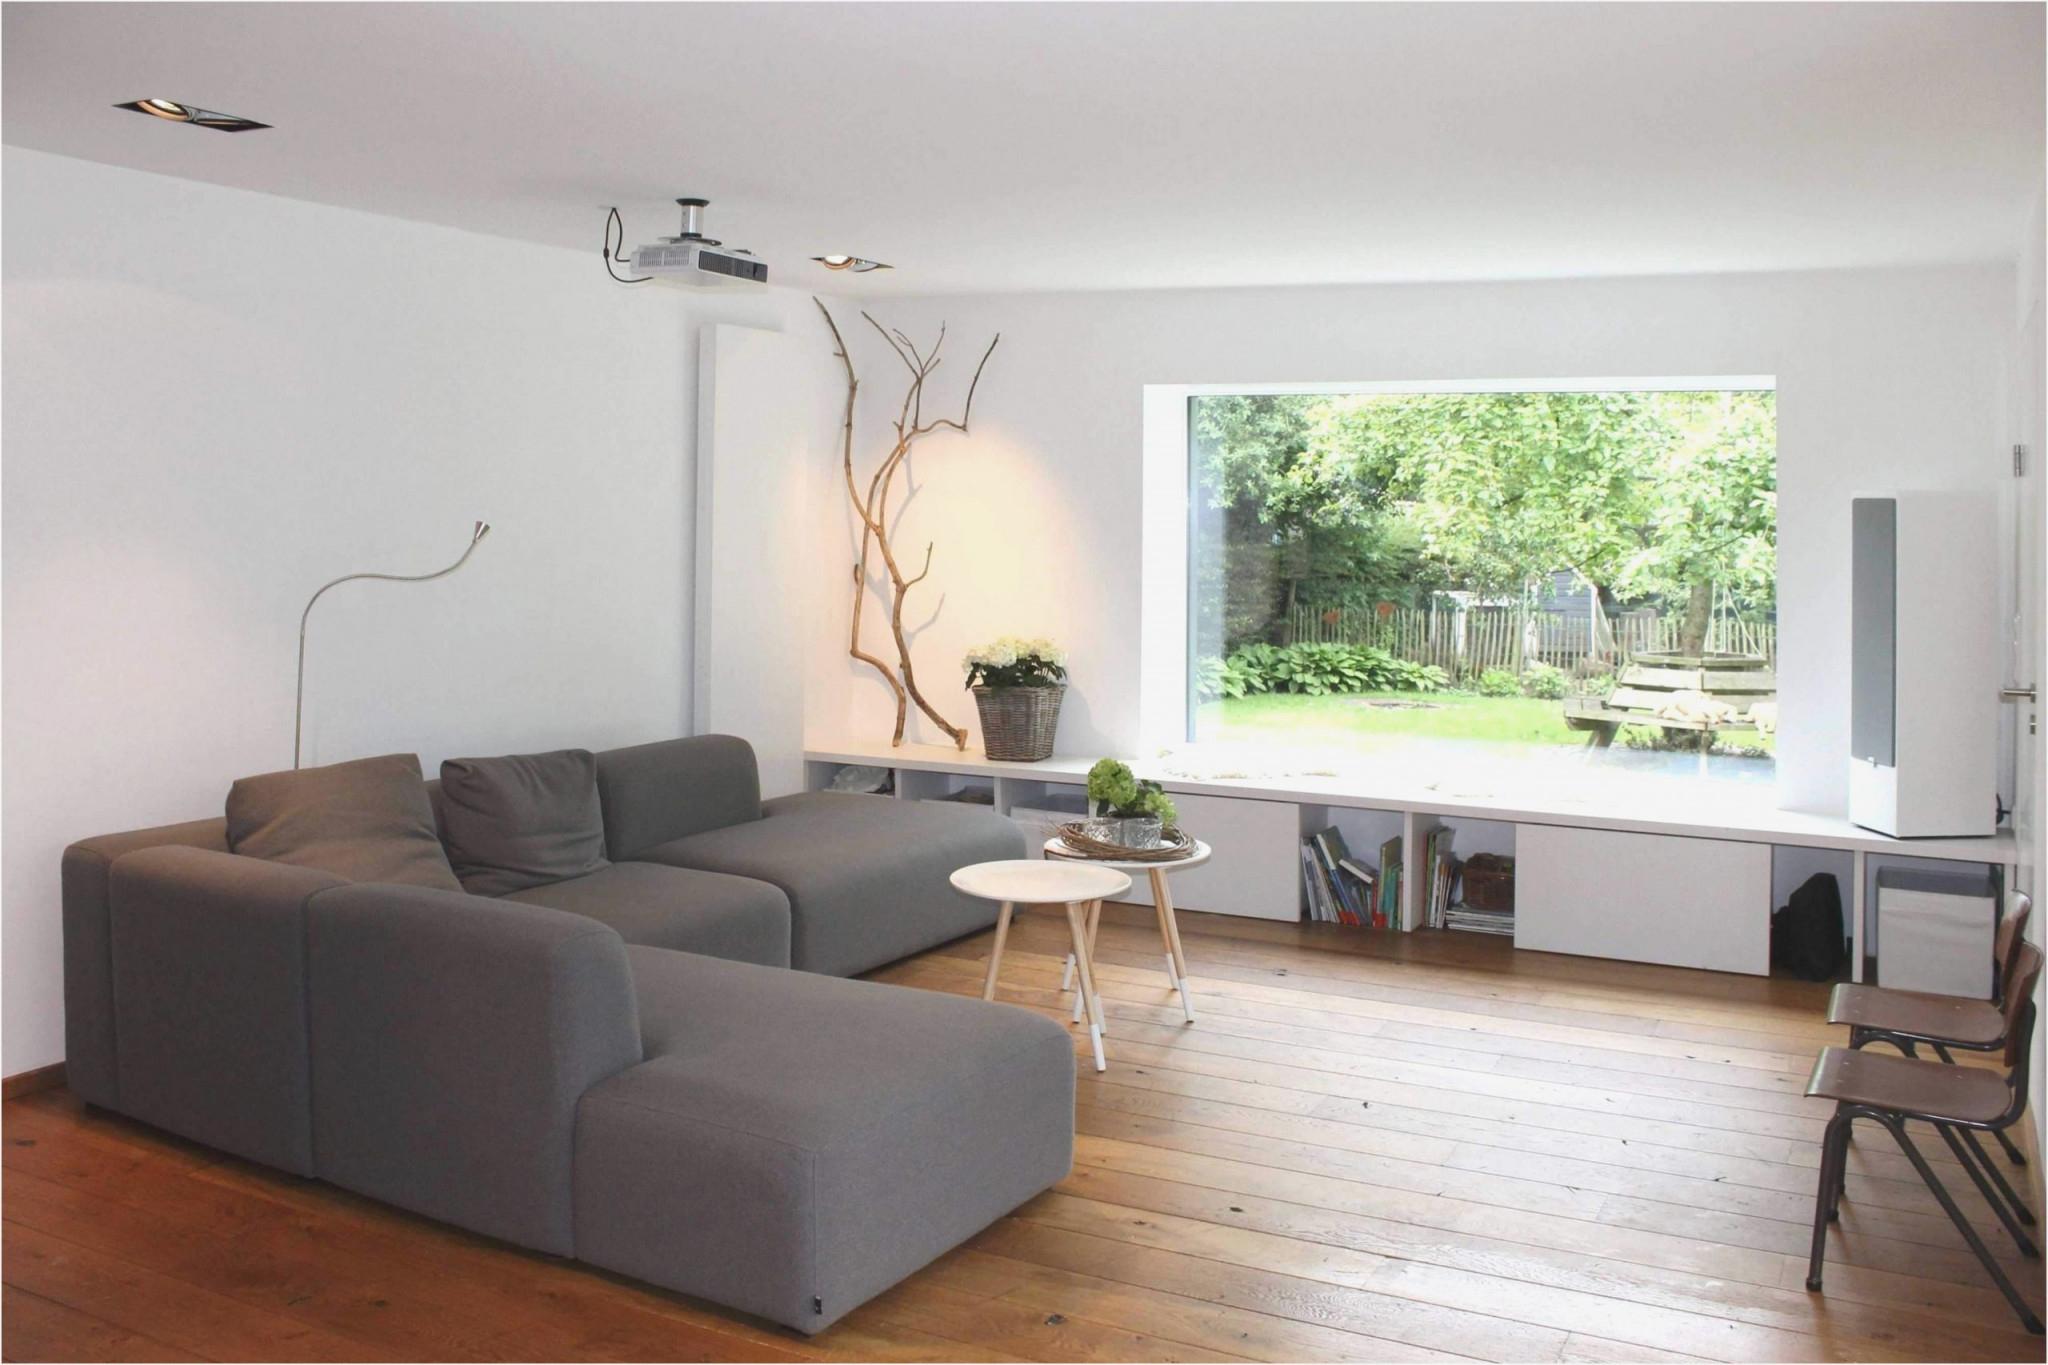 Wandgestaltung Wohnzimmer Braunes Sofa – Caseconrad von Sofa Ideen Wohnzimmer Photo